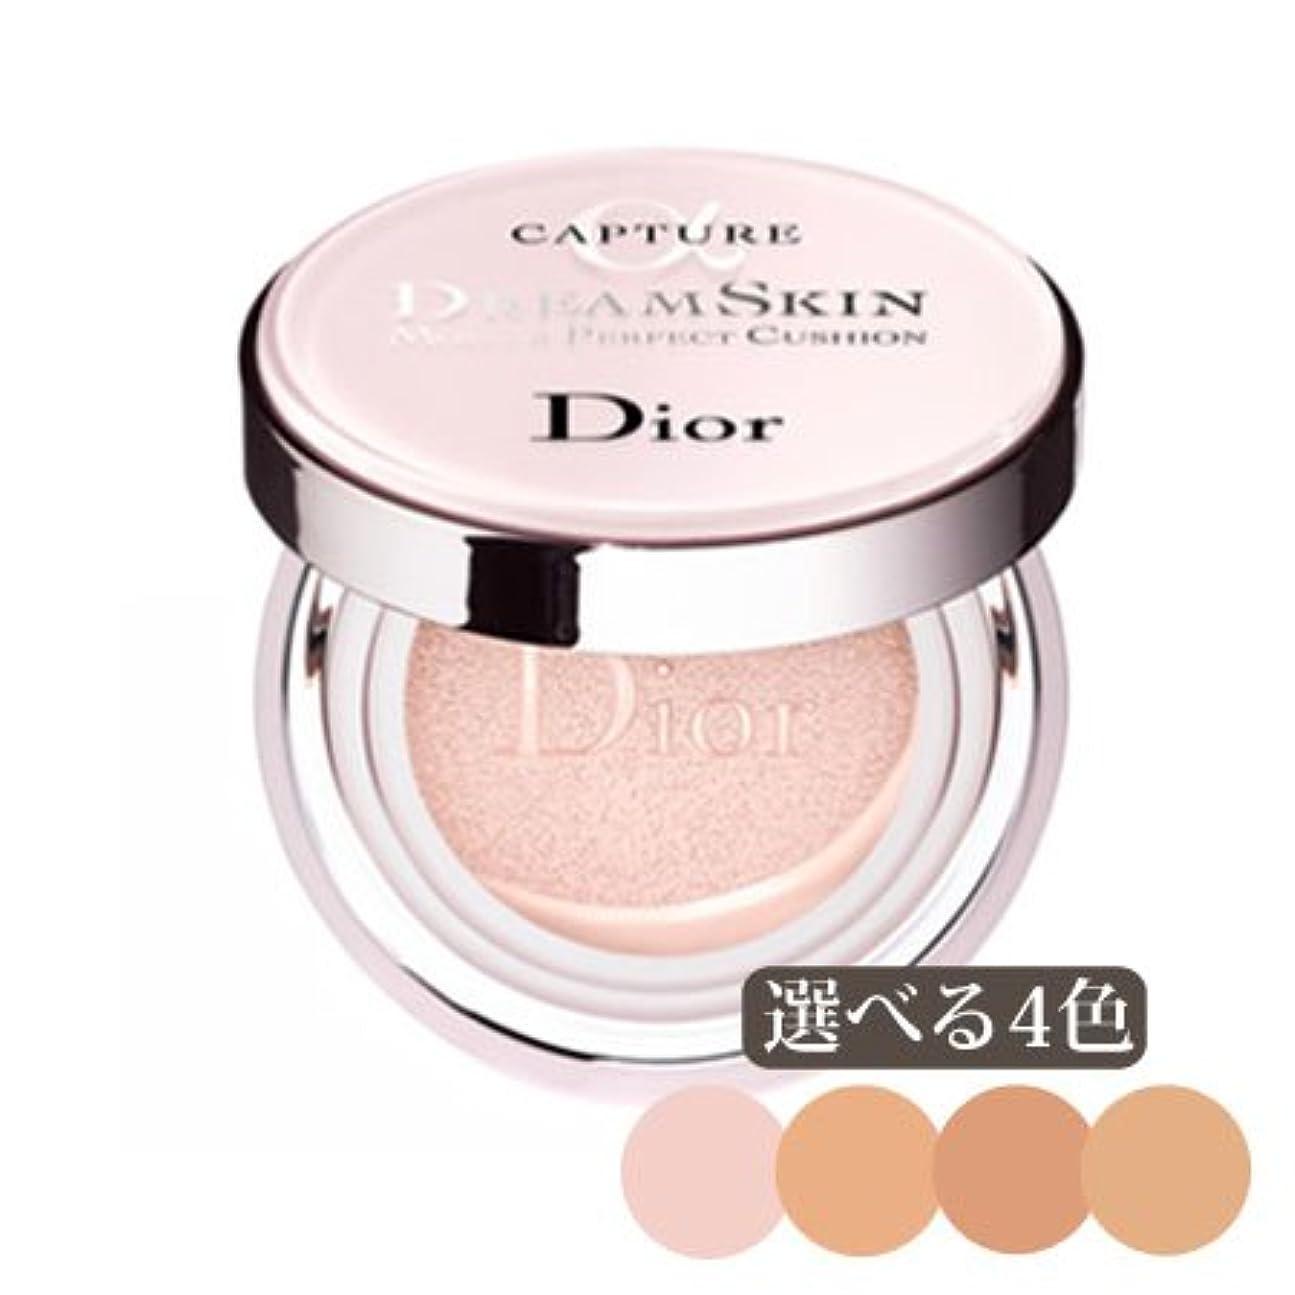 テニスブース二次ディオール カプチュール ドリームスキン モイスト クッション 選べる4色 -Dior- 012